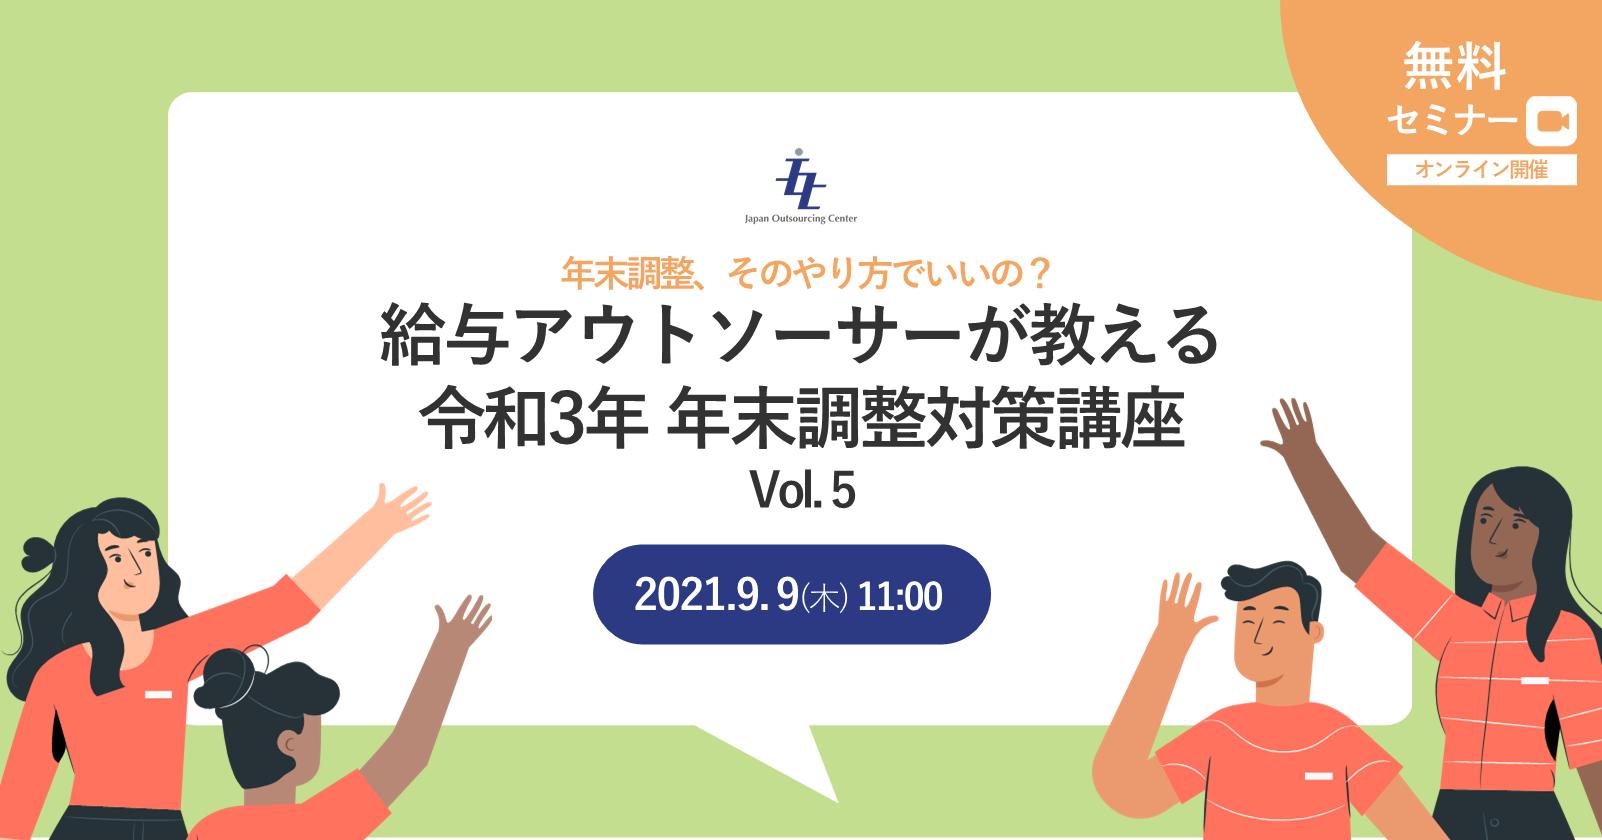 給与アウトソーサーが教える令和3年 年末調整業務対策講座Vol.5